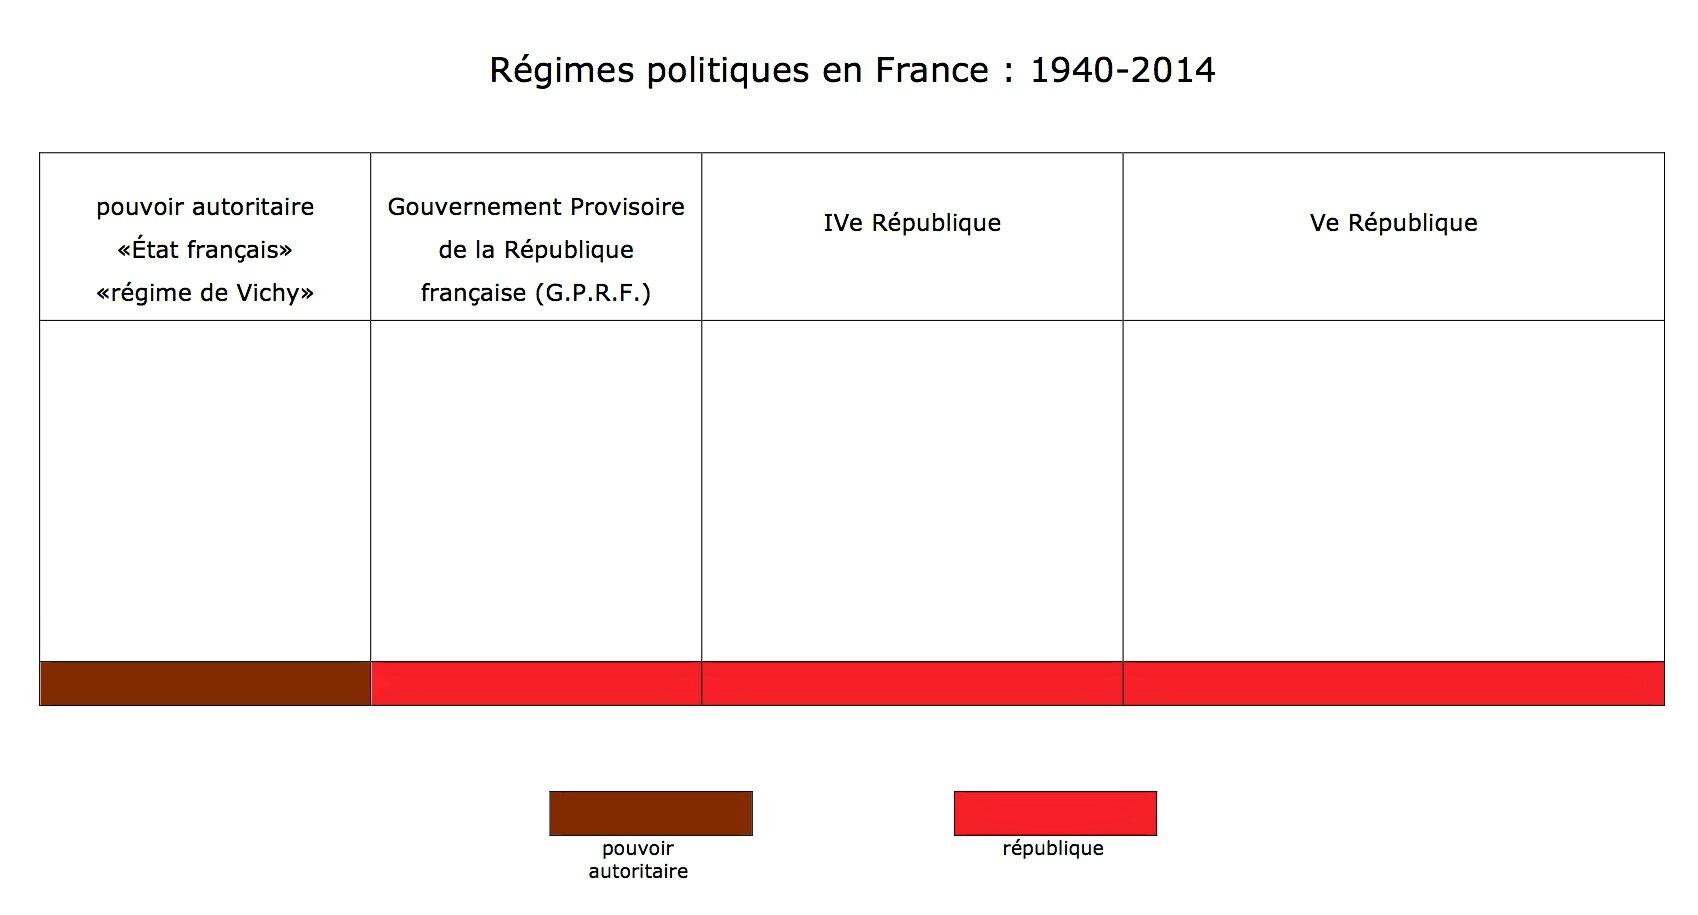 régimes politiques 1940-2014